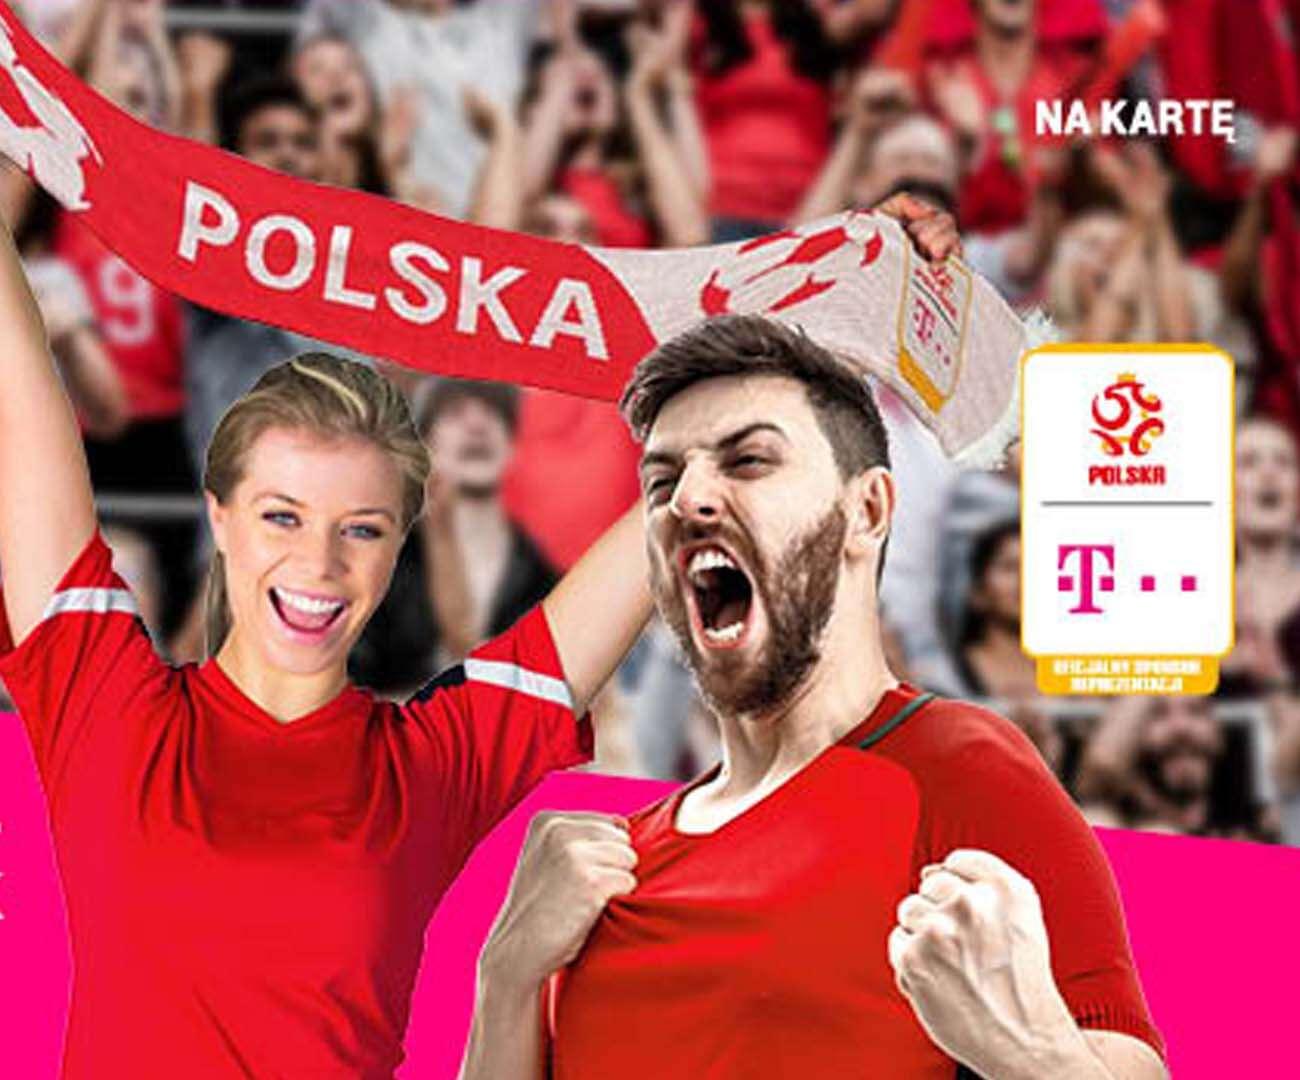 Piłkarski szalik od T-Mobile dla klientów na kartę